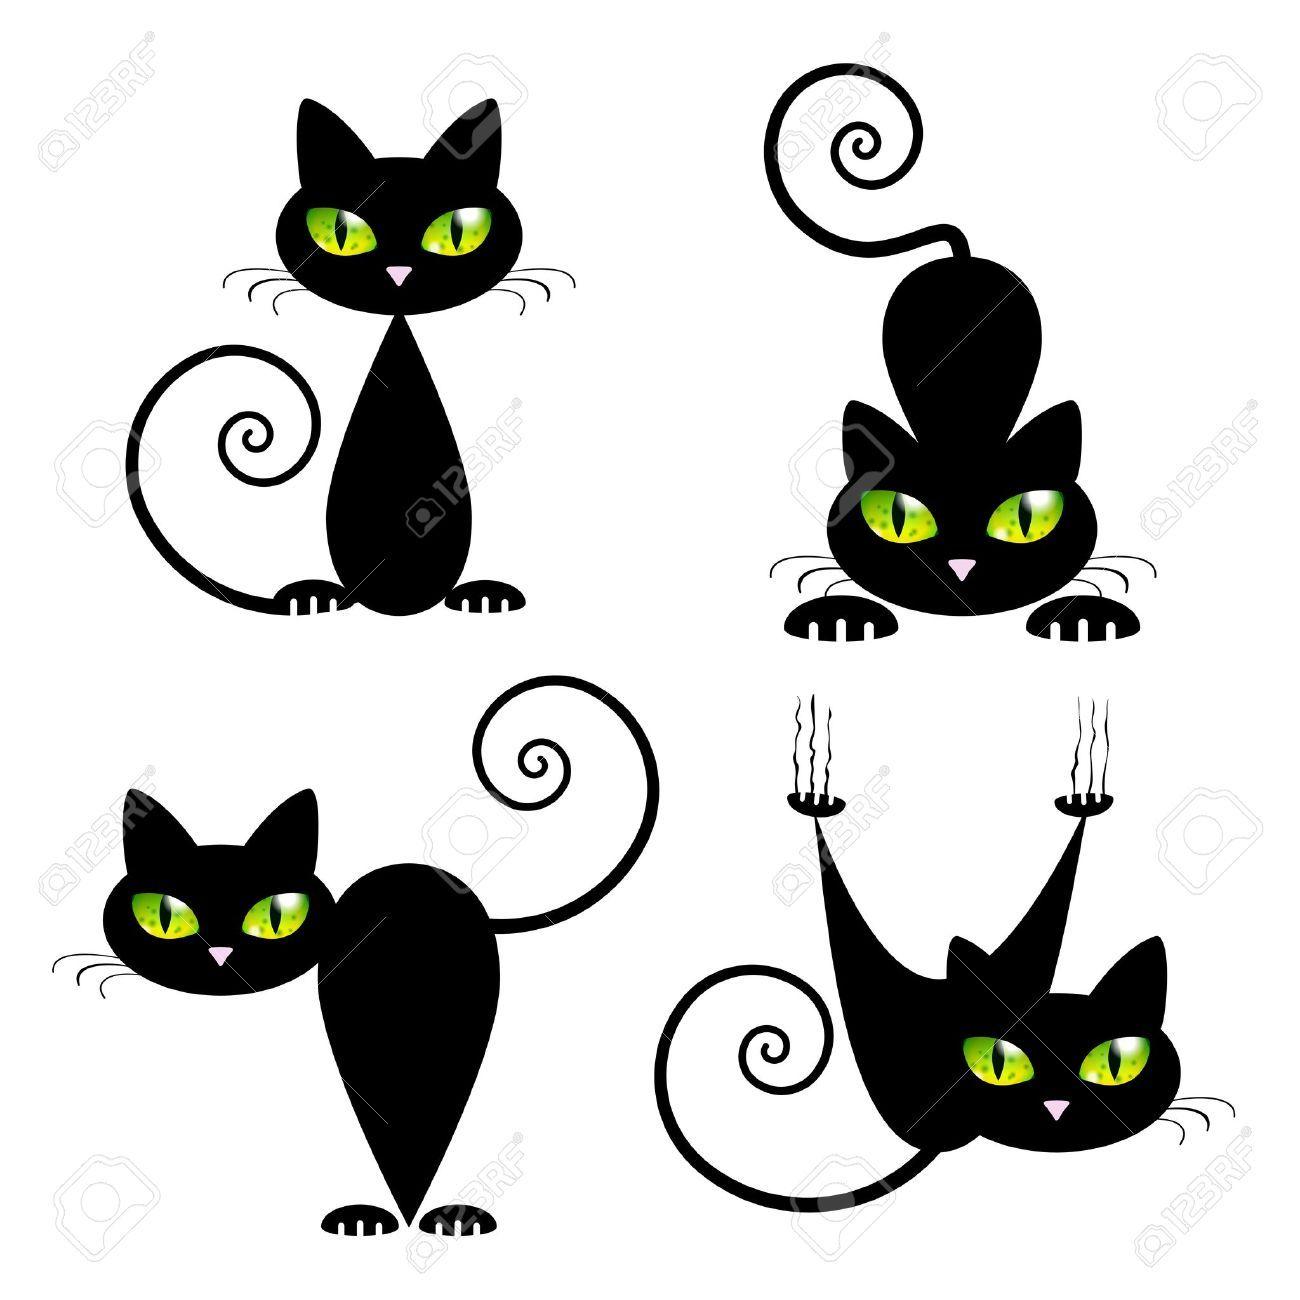 Illustration De Vecteur De Chat Noir Avec Des Yeux Verts